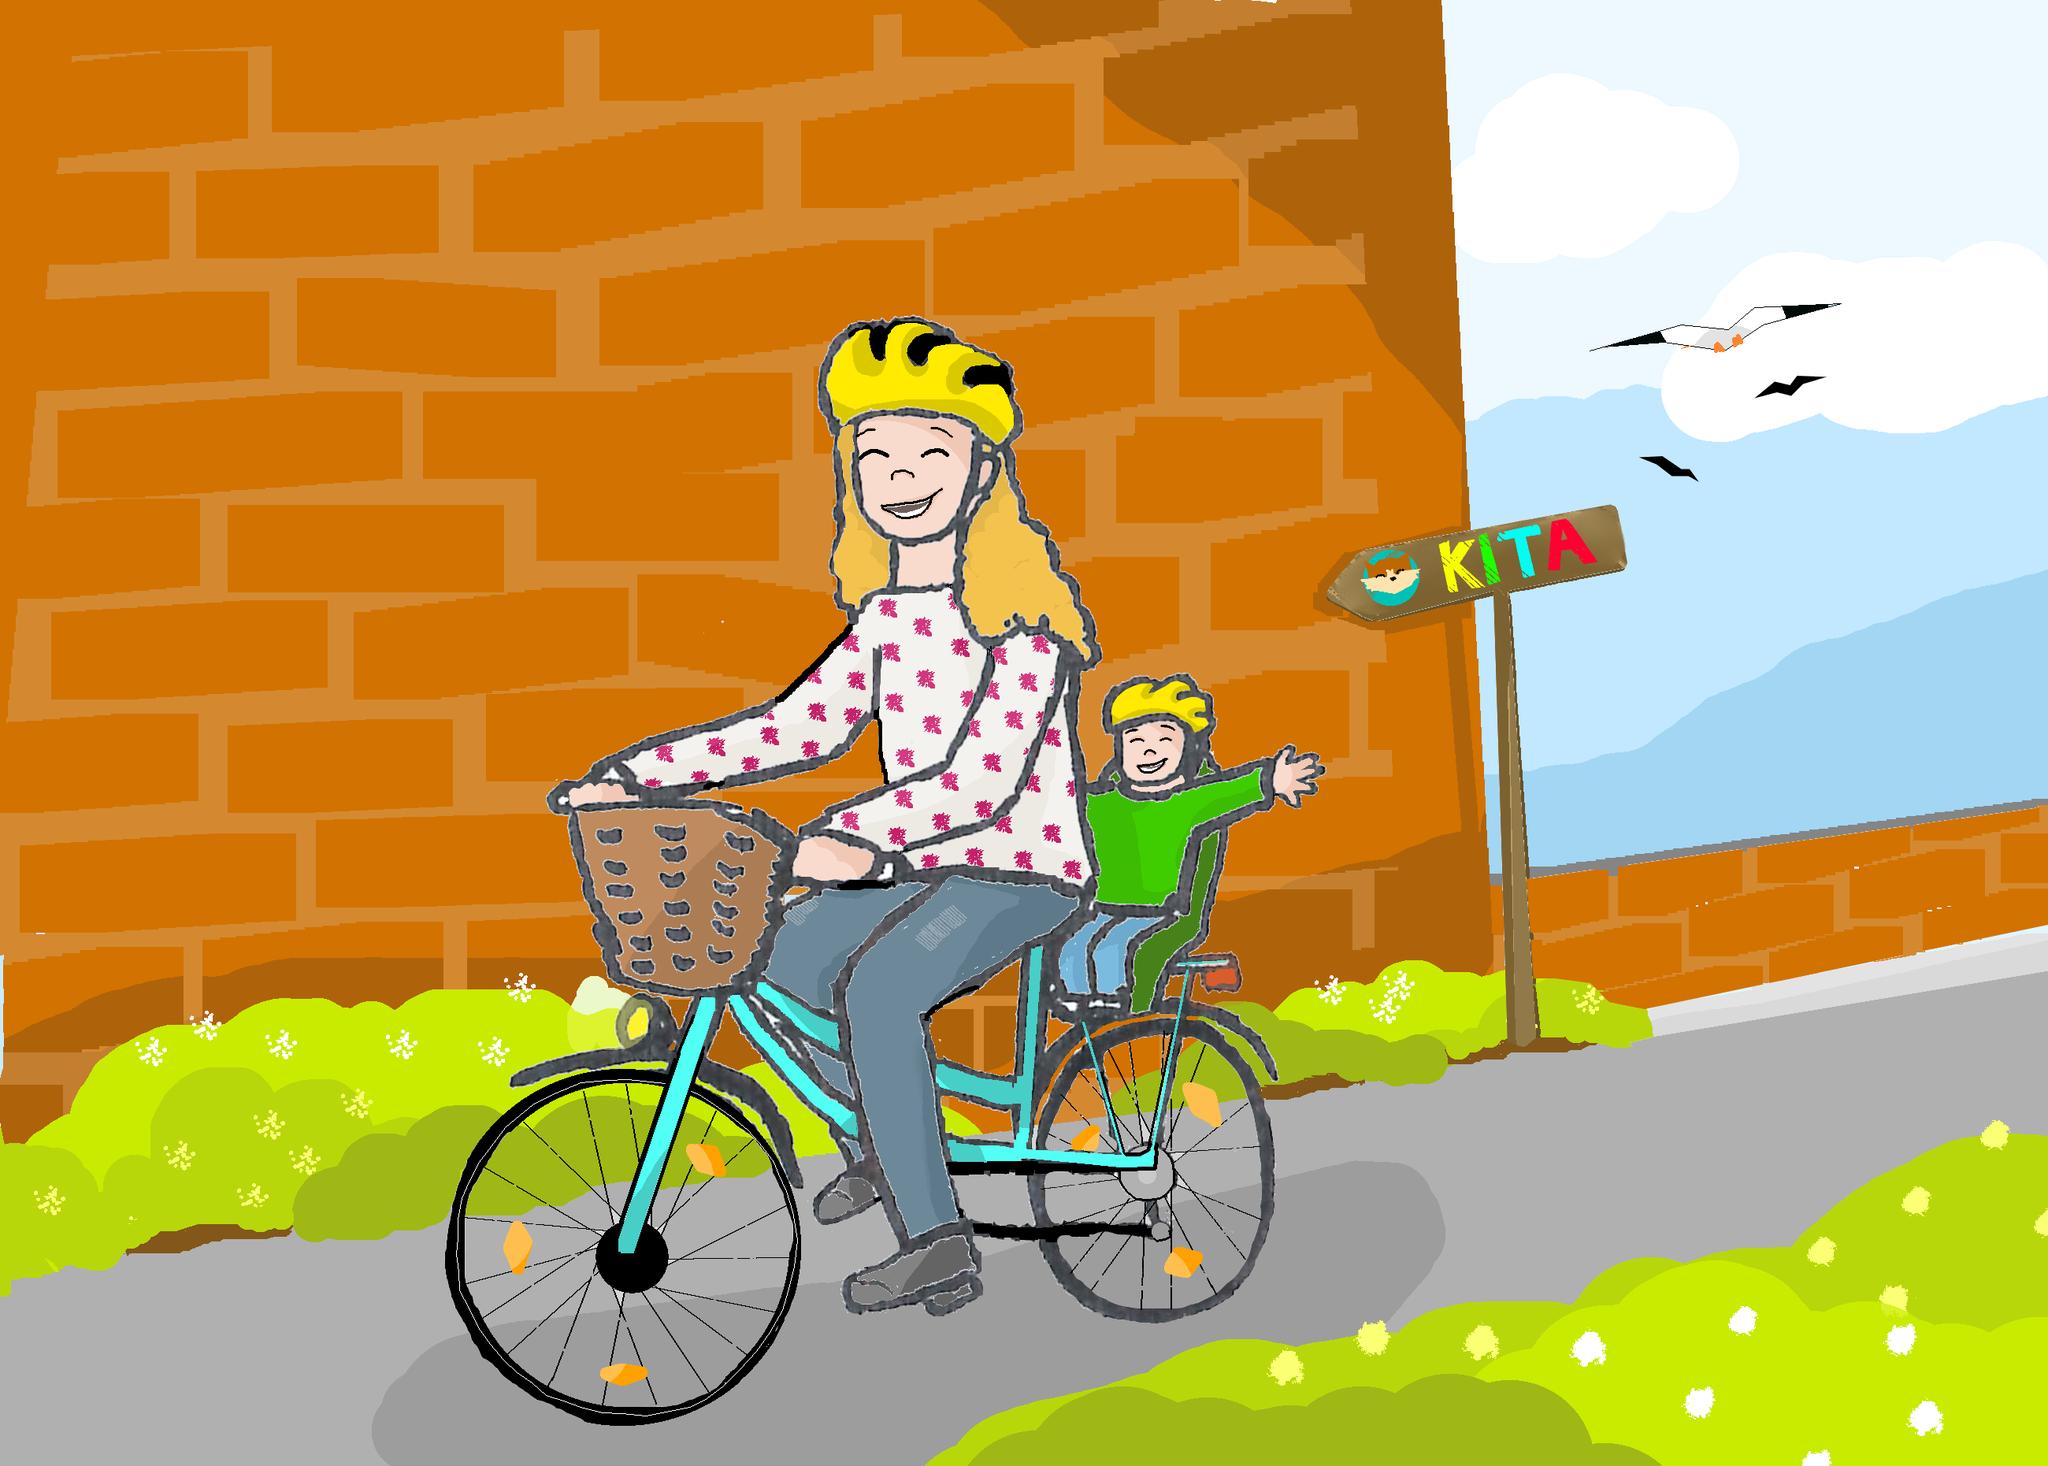 """6. Wie wär's mit einer """"Zu Fuß zur Kita""""-Aktionswoche? Eltern werden aufgerufen, für eine Woche auf Fahrrad, ÖPNV oder am besten auf die eigenen zwei Füße umzusteigen. Die Kinder können auf Plakaten und Wegeskarten davon erzählen."""